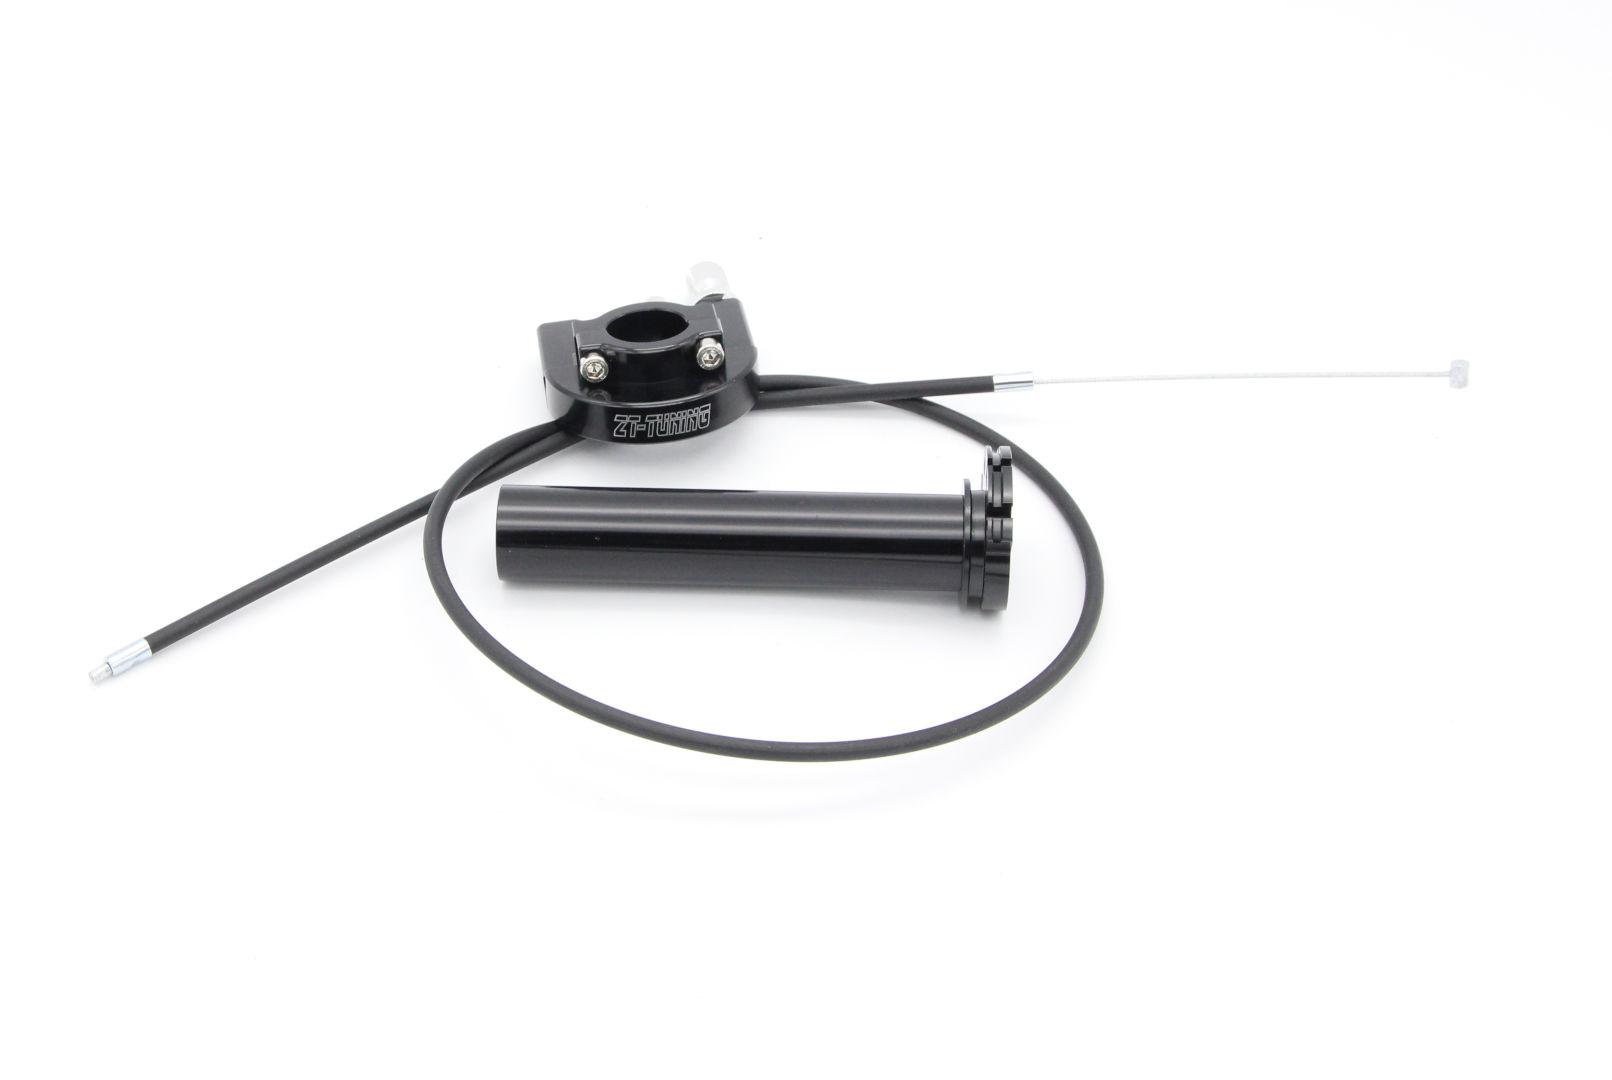 Schnellgasgriff CNC ZT-Tuning Schwarz inkl. Bowdenzug